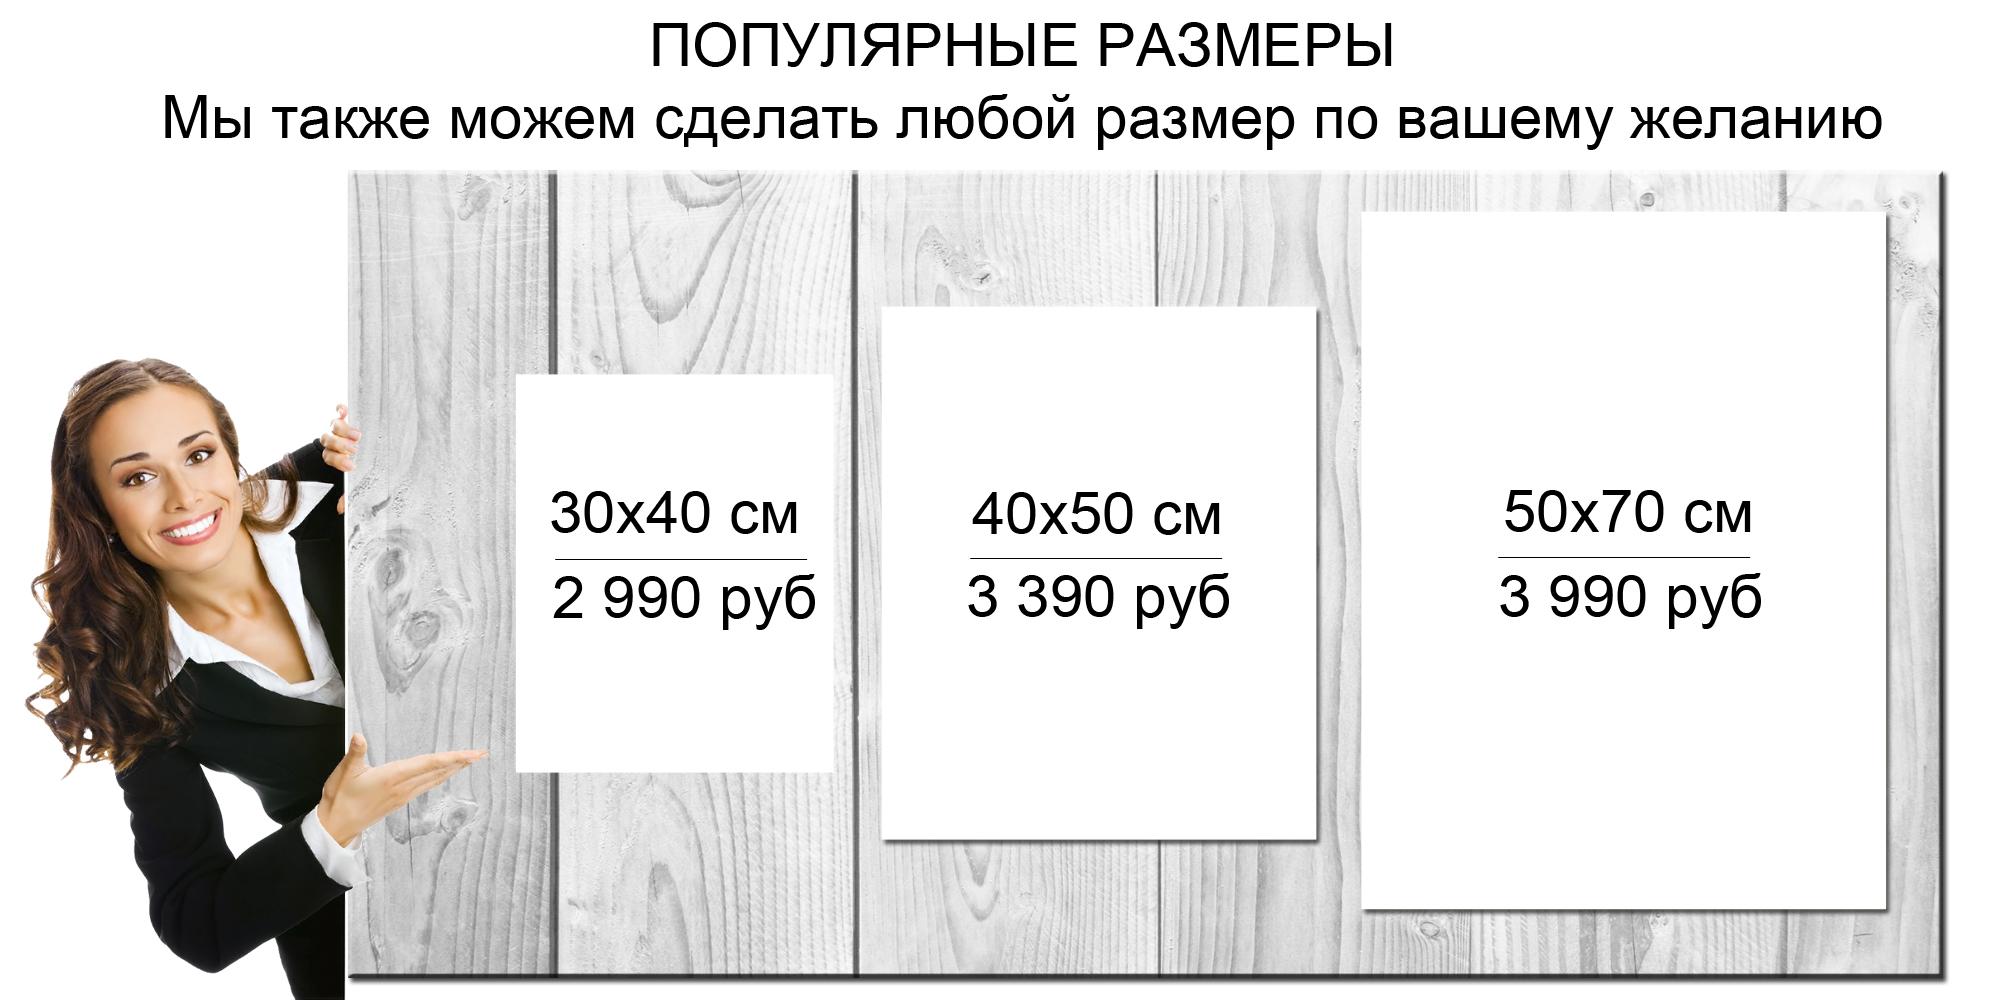 Размеры3.jpg